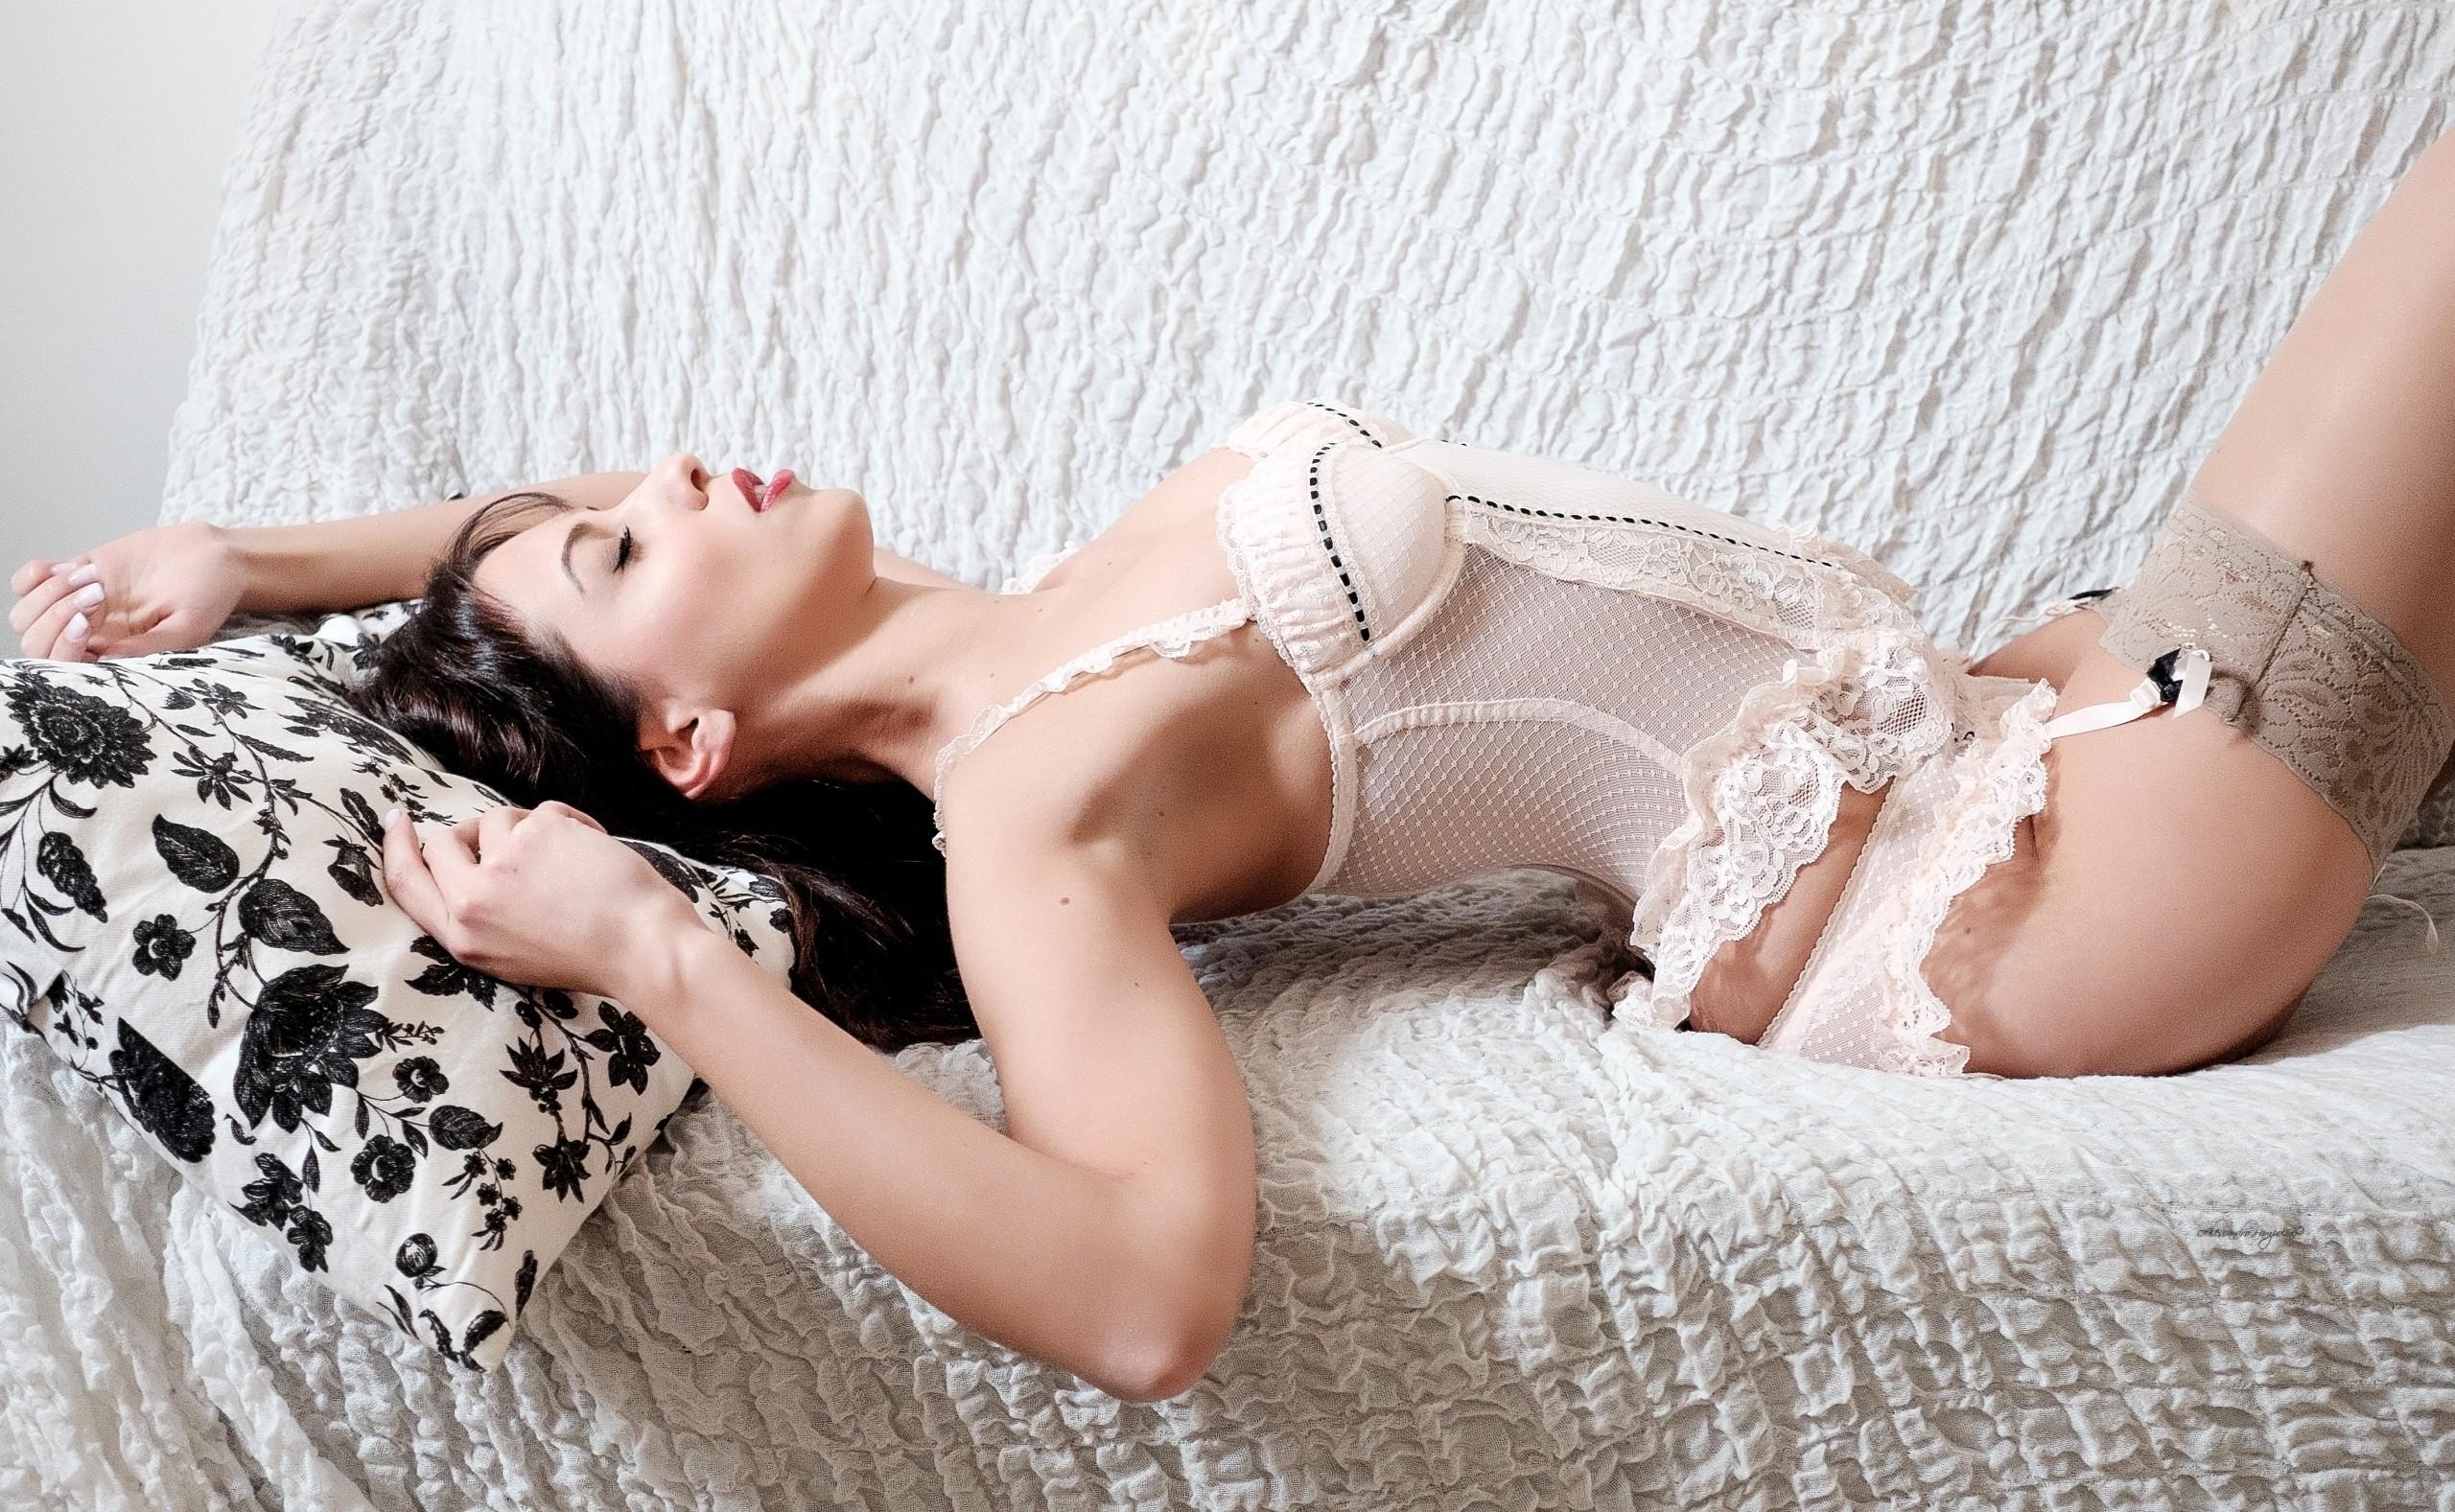 Sex posture nude wallpaper nackt galleries